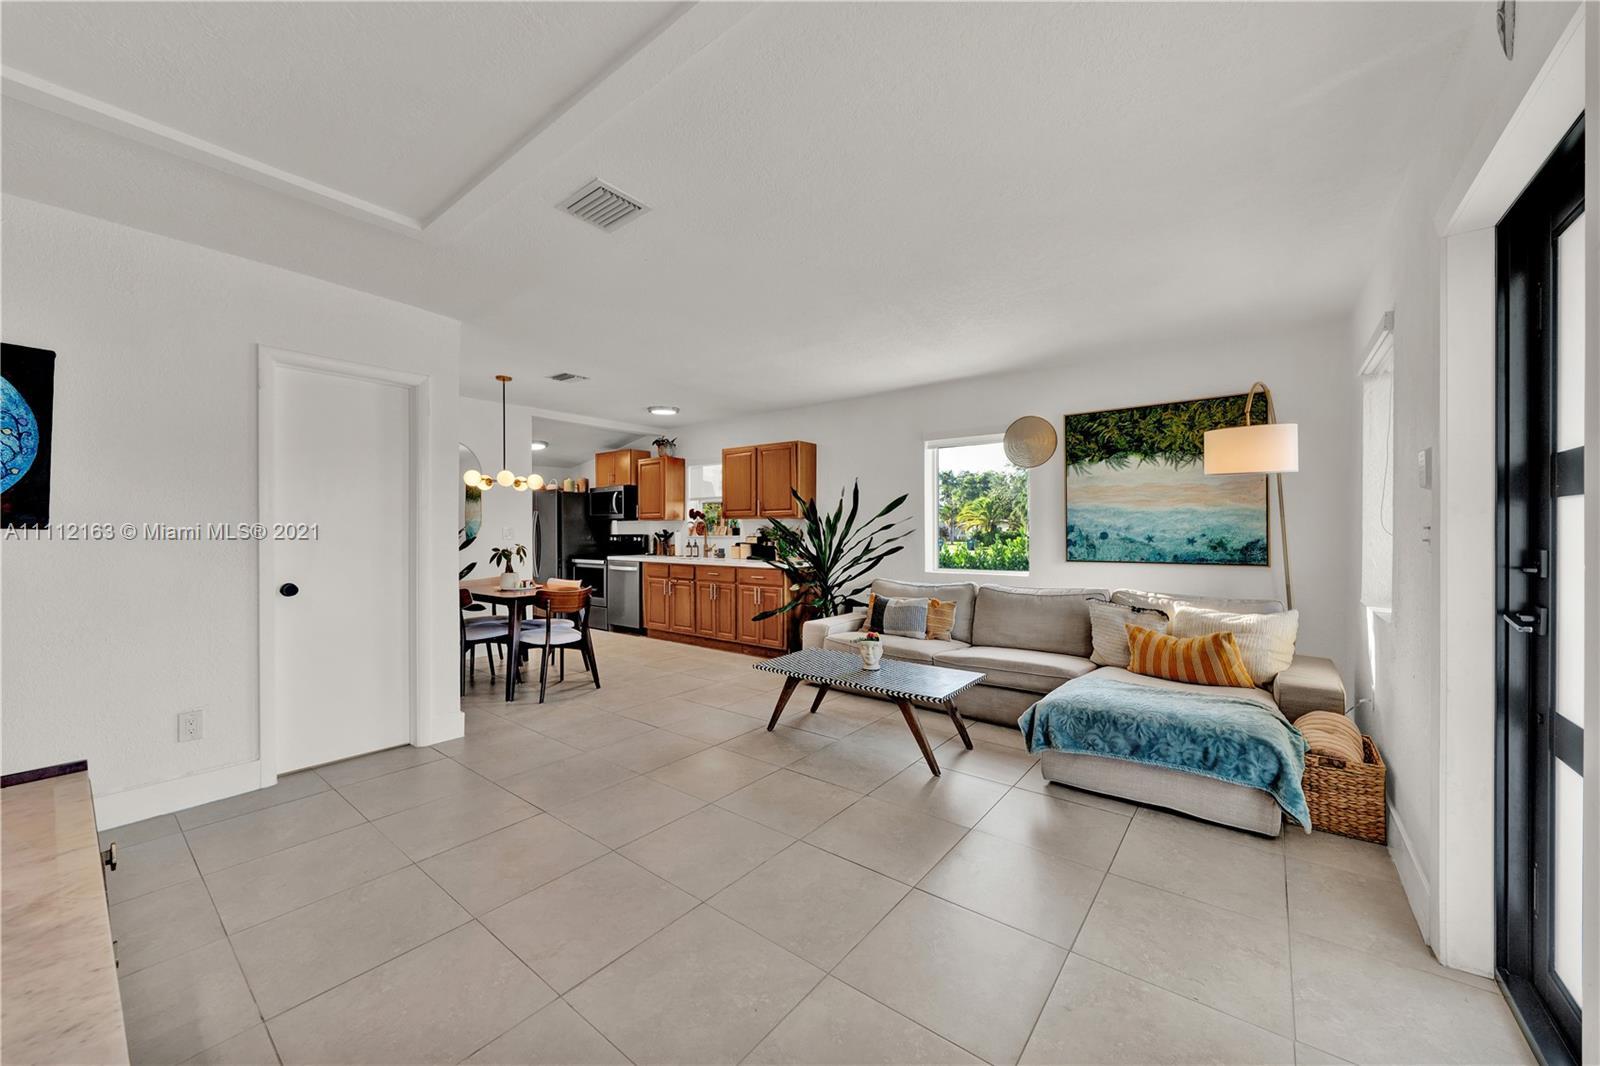 Single Family Home For Rent CASA GRANDE874 Sqft